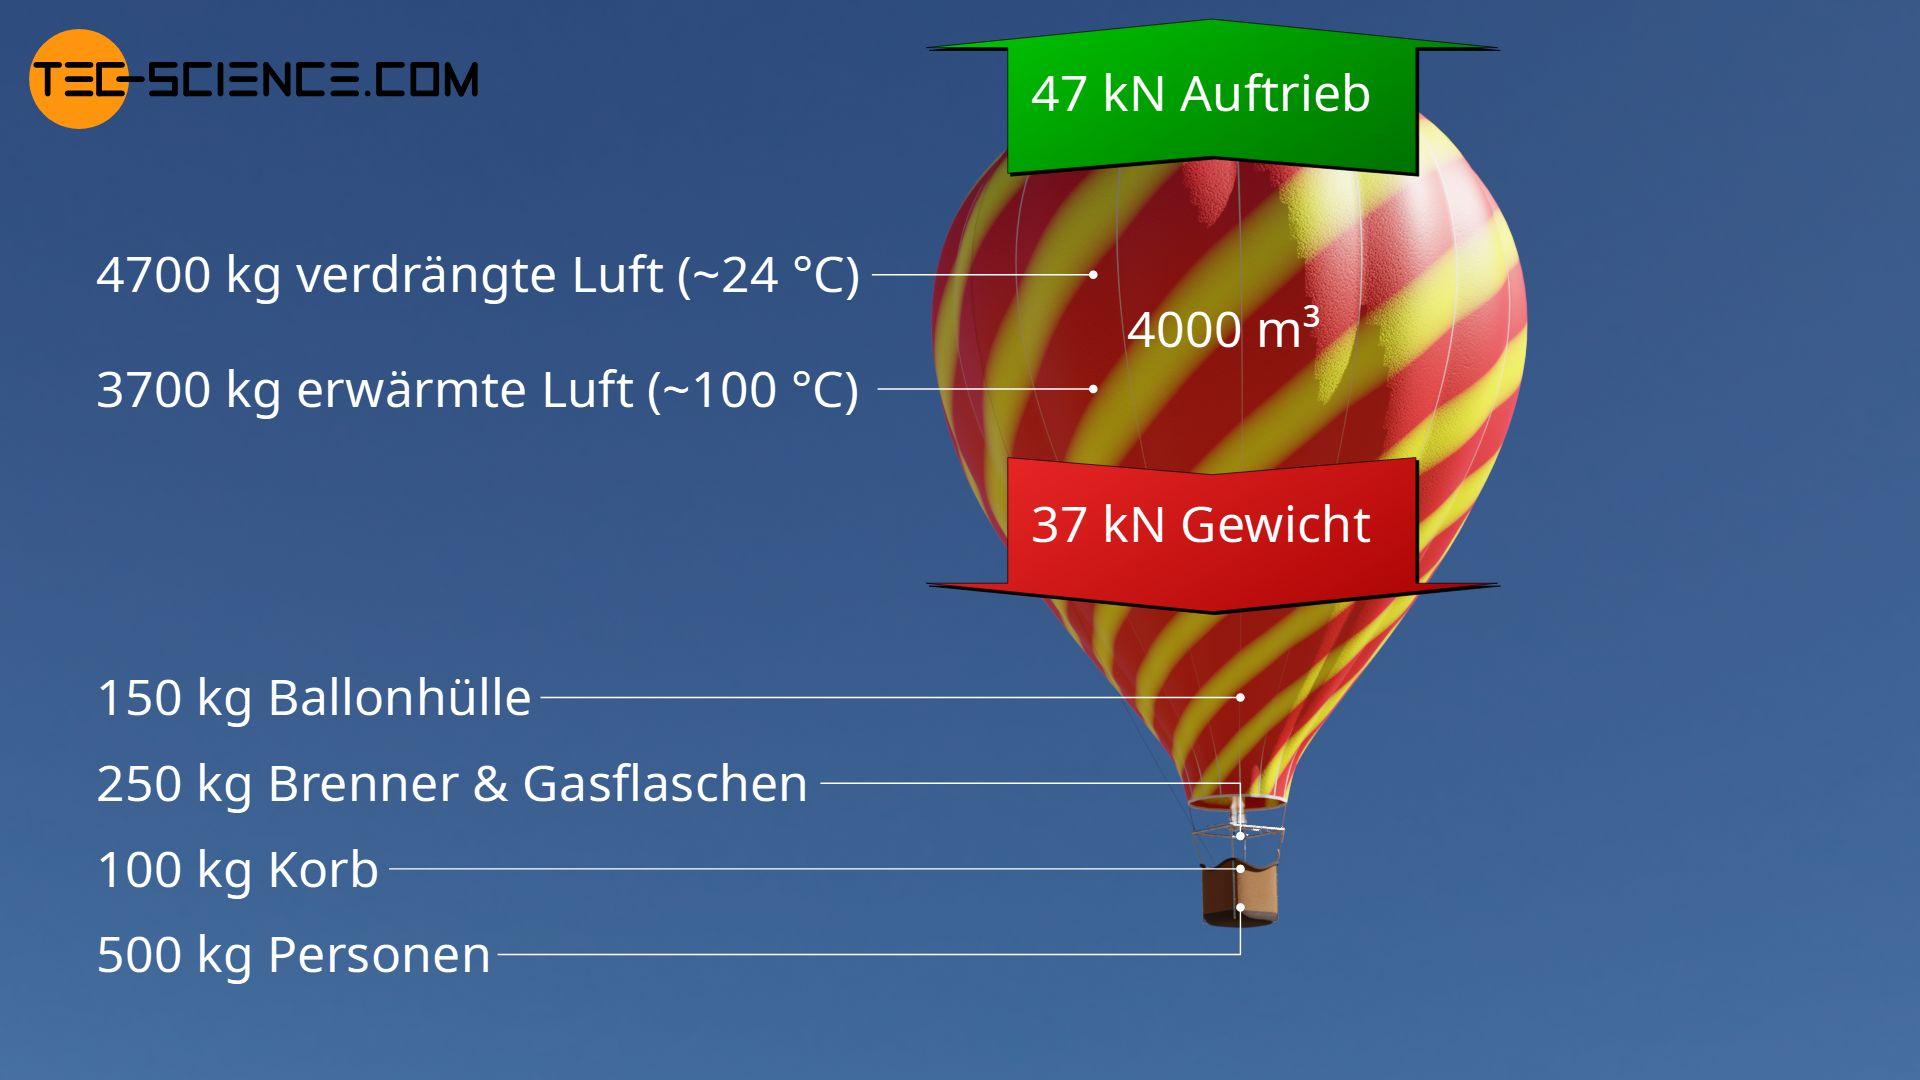 Typische Zahlenwerte eines Heißluftballons